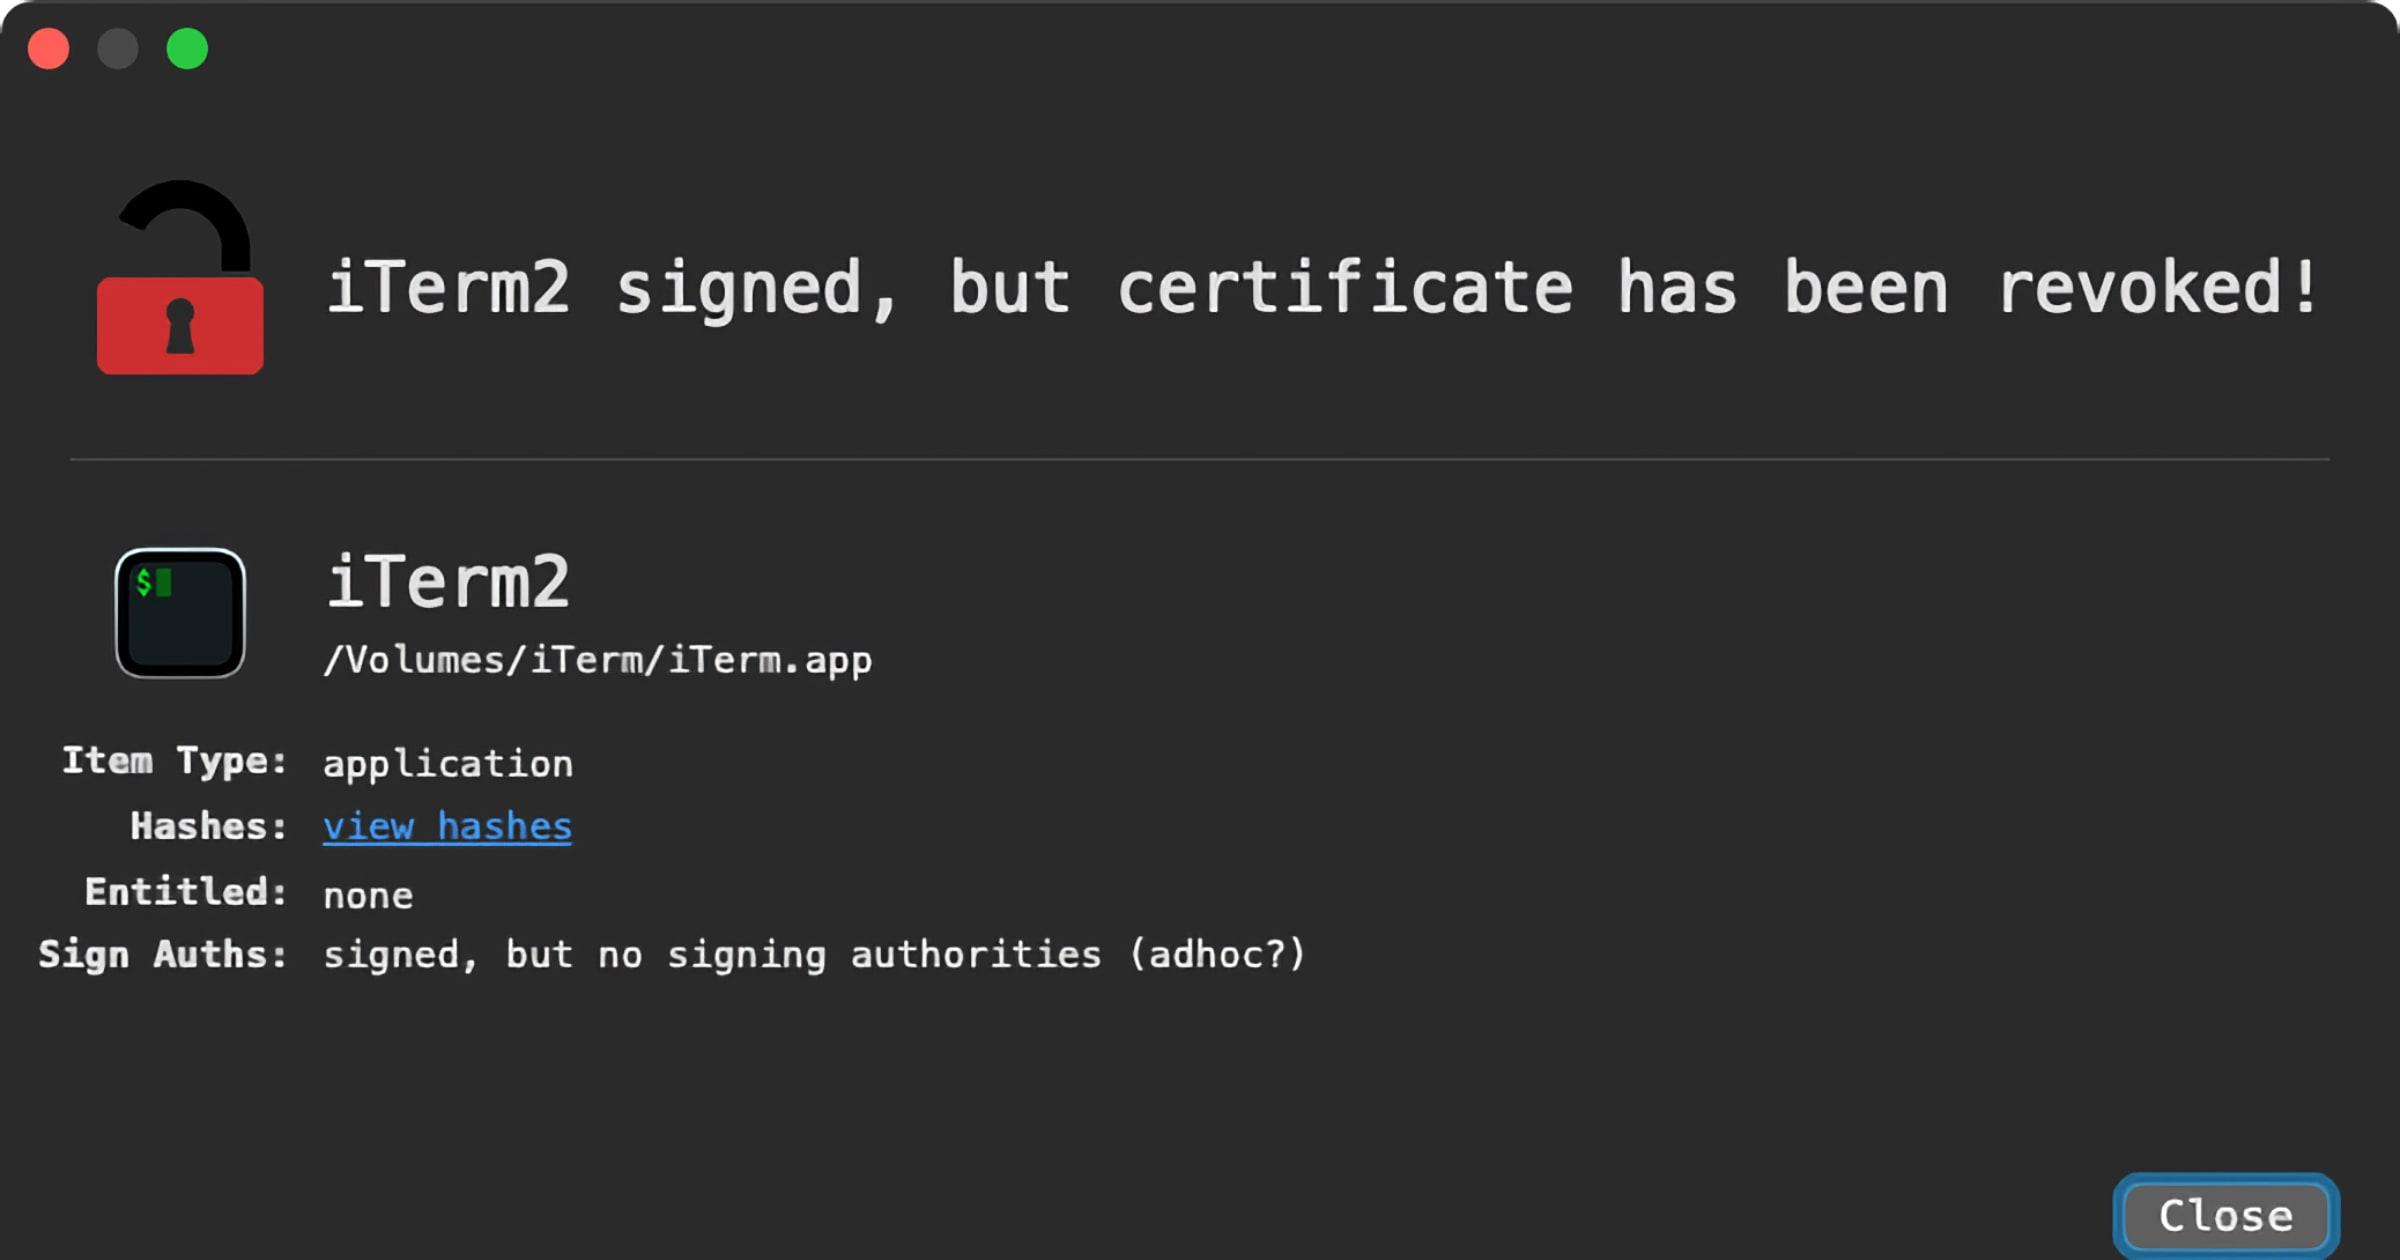 malicious iterm2 app with OSX Zuru malware